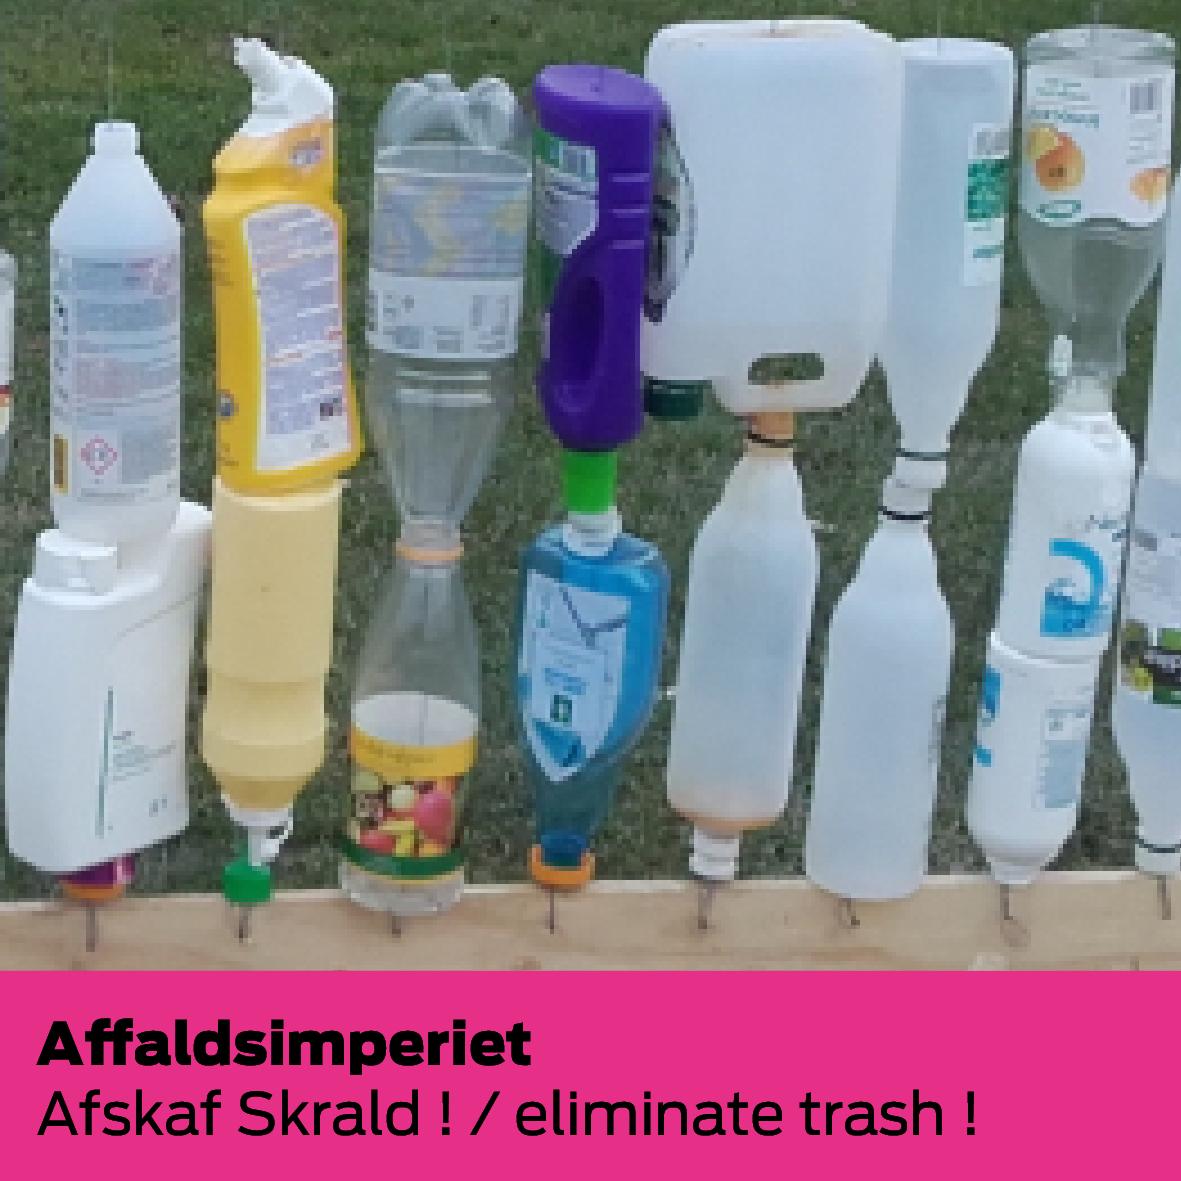 Affaldsimperiet (DK): Afskaf Skrald ! / Eliminate Trash !